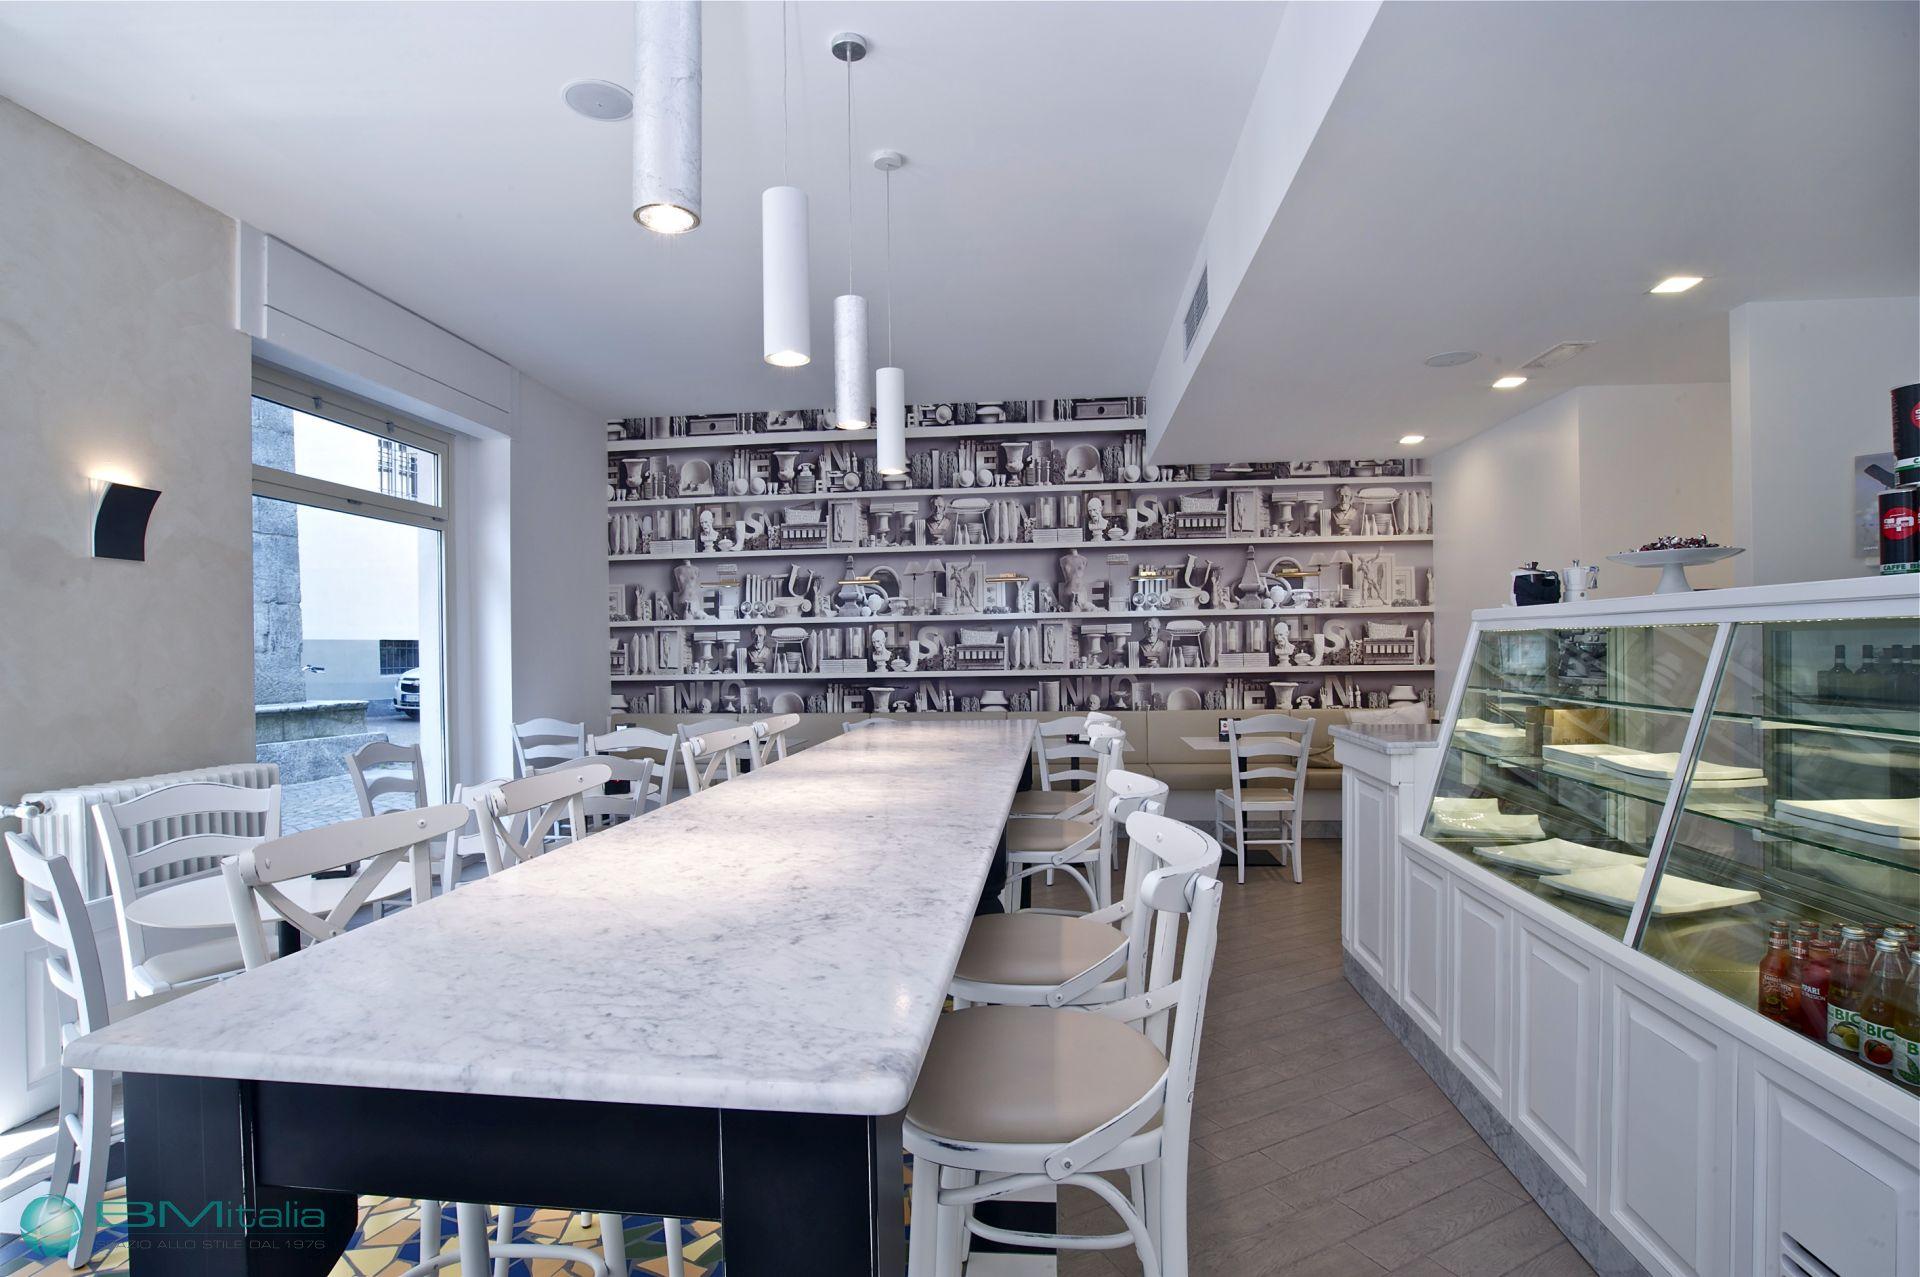 progettazione consulenza e arredamenti per caffetteria